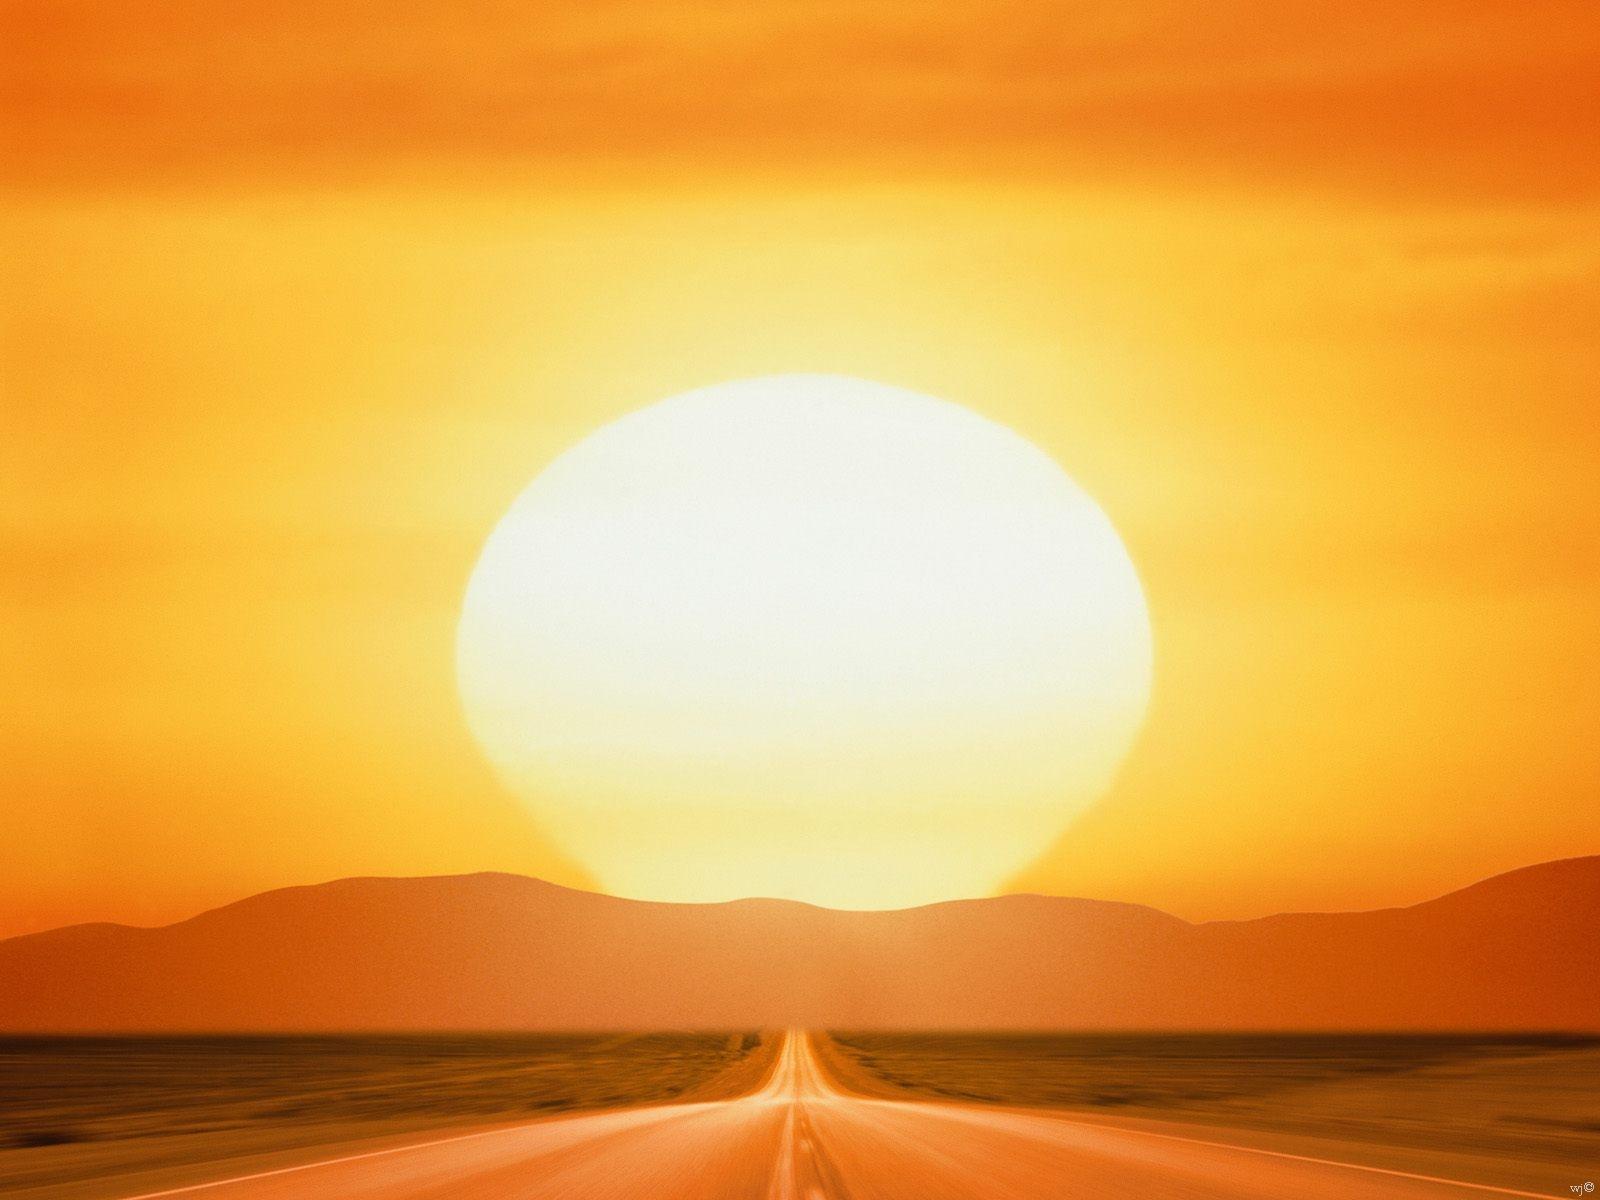 http://2.bp.blogspot.com/-7qVOLHPb018/UA35JzYPDKI/AAAAAAAABNk/zApg0gfx_gA/s1600/Landscapes-Road-to-the-Sun.jpg